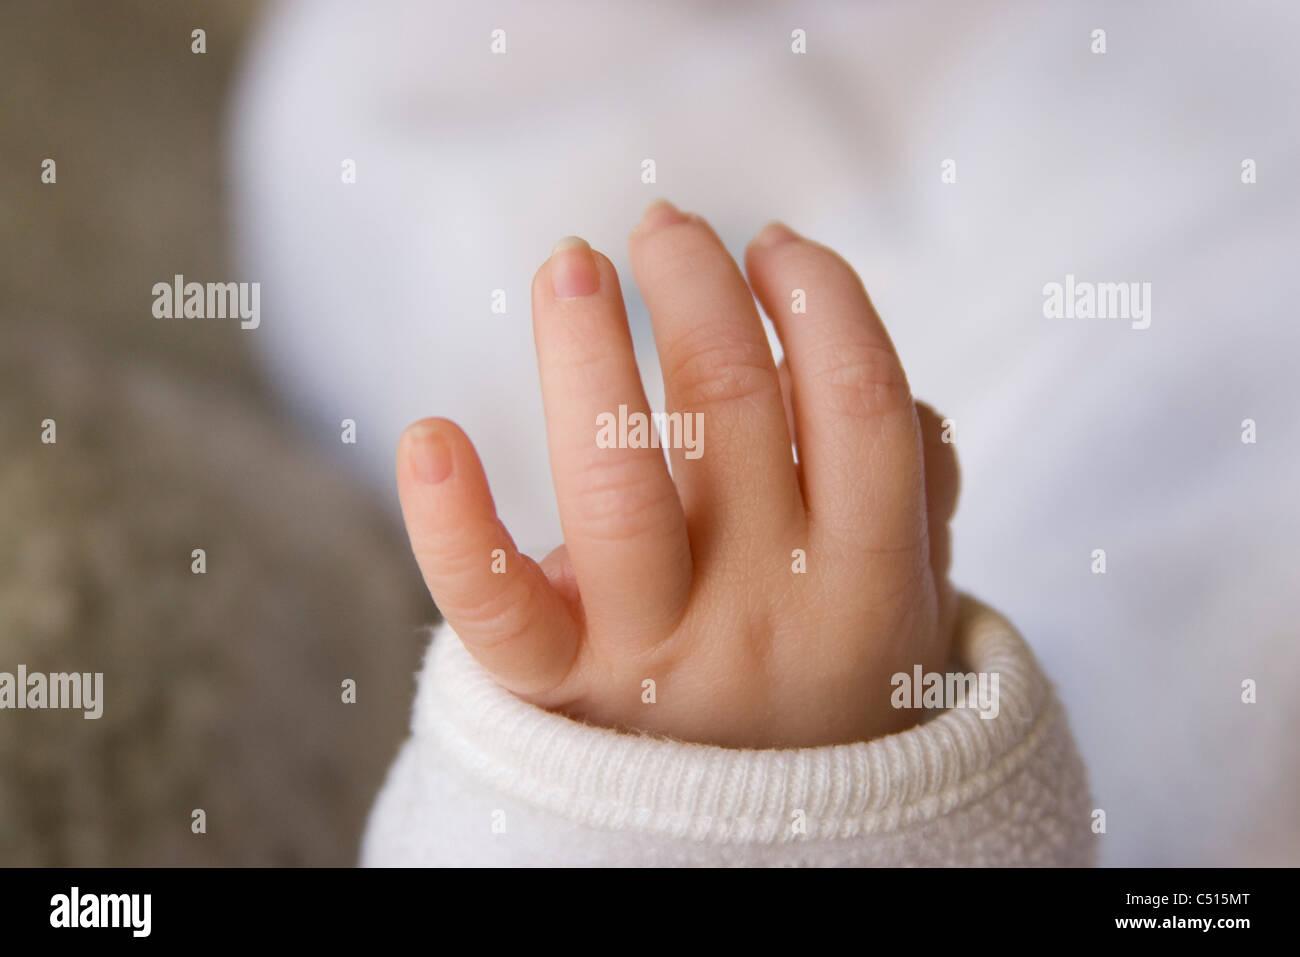 Baby's hand - Stock Image